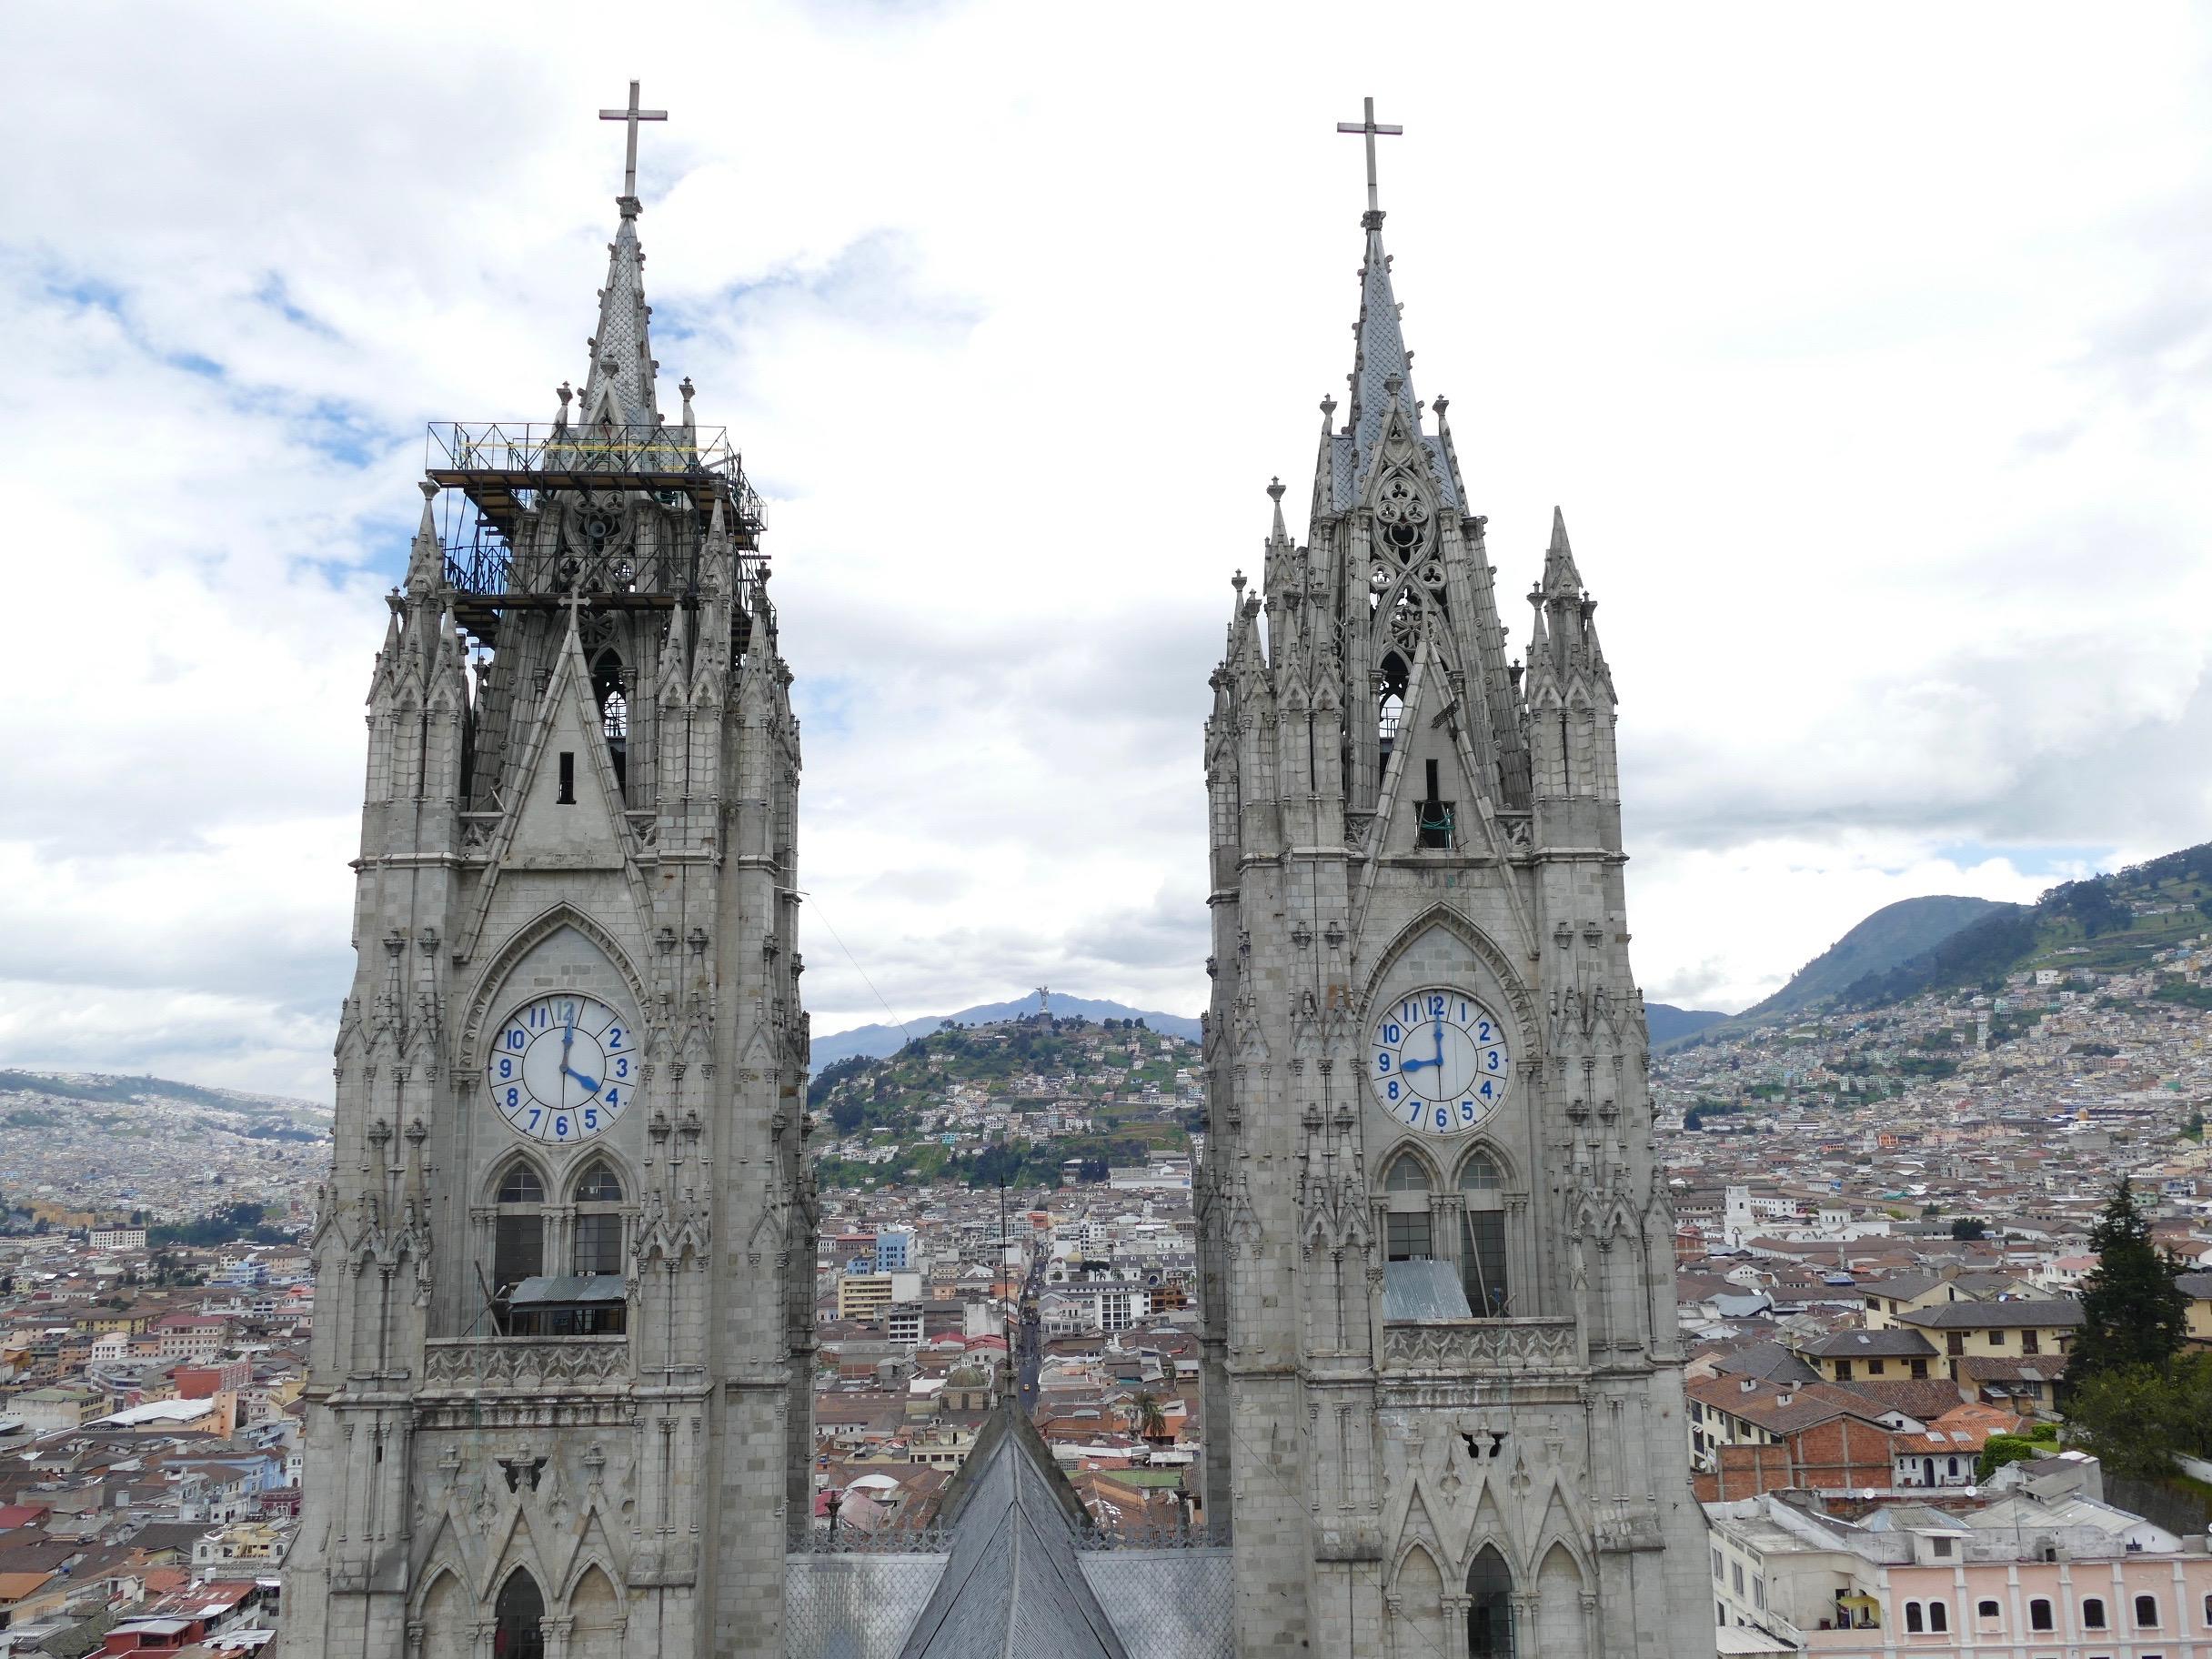 Vue depuis la plus haute tour de la Basilique. On se rend bien compte que Quito est tout en relief!